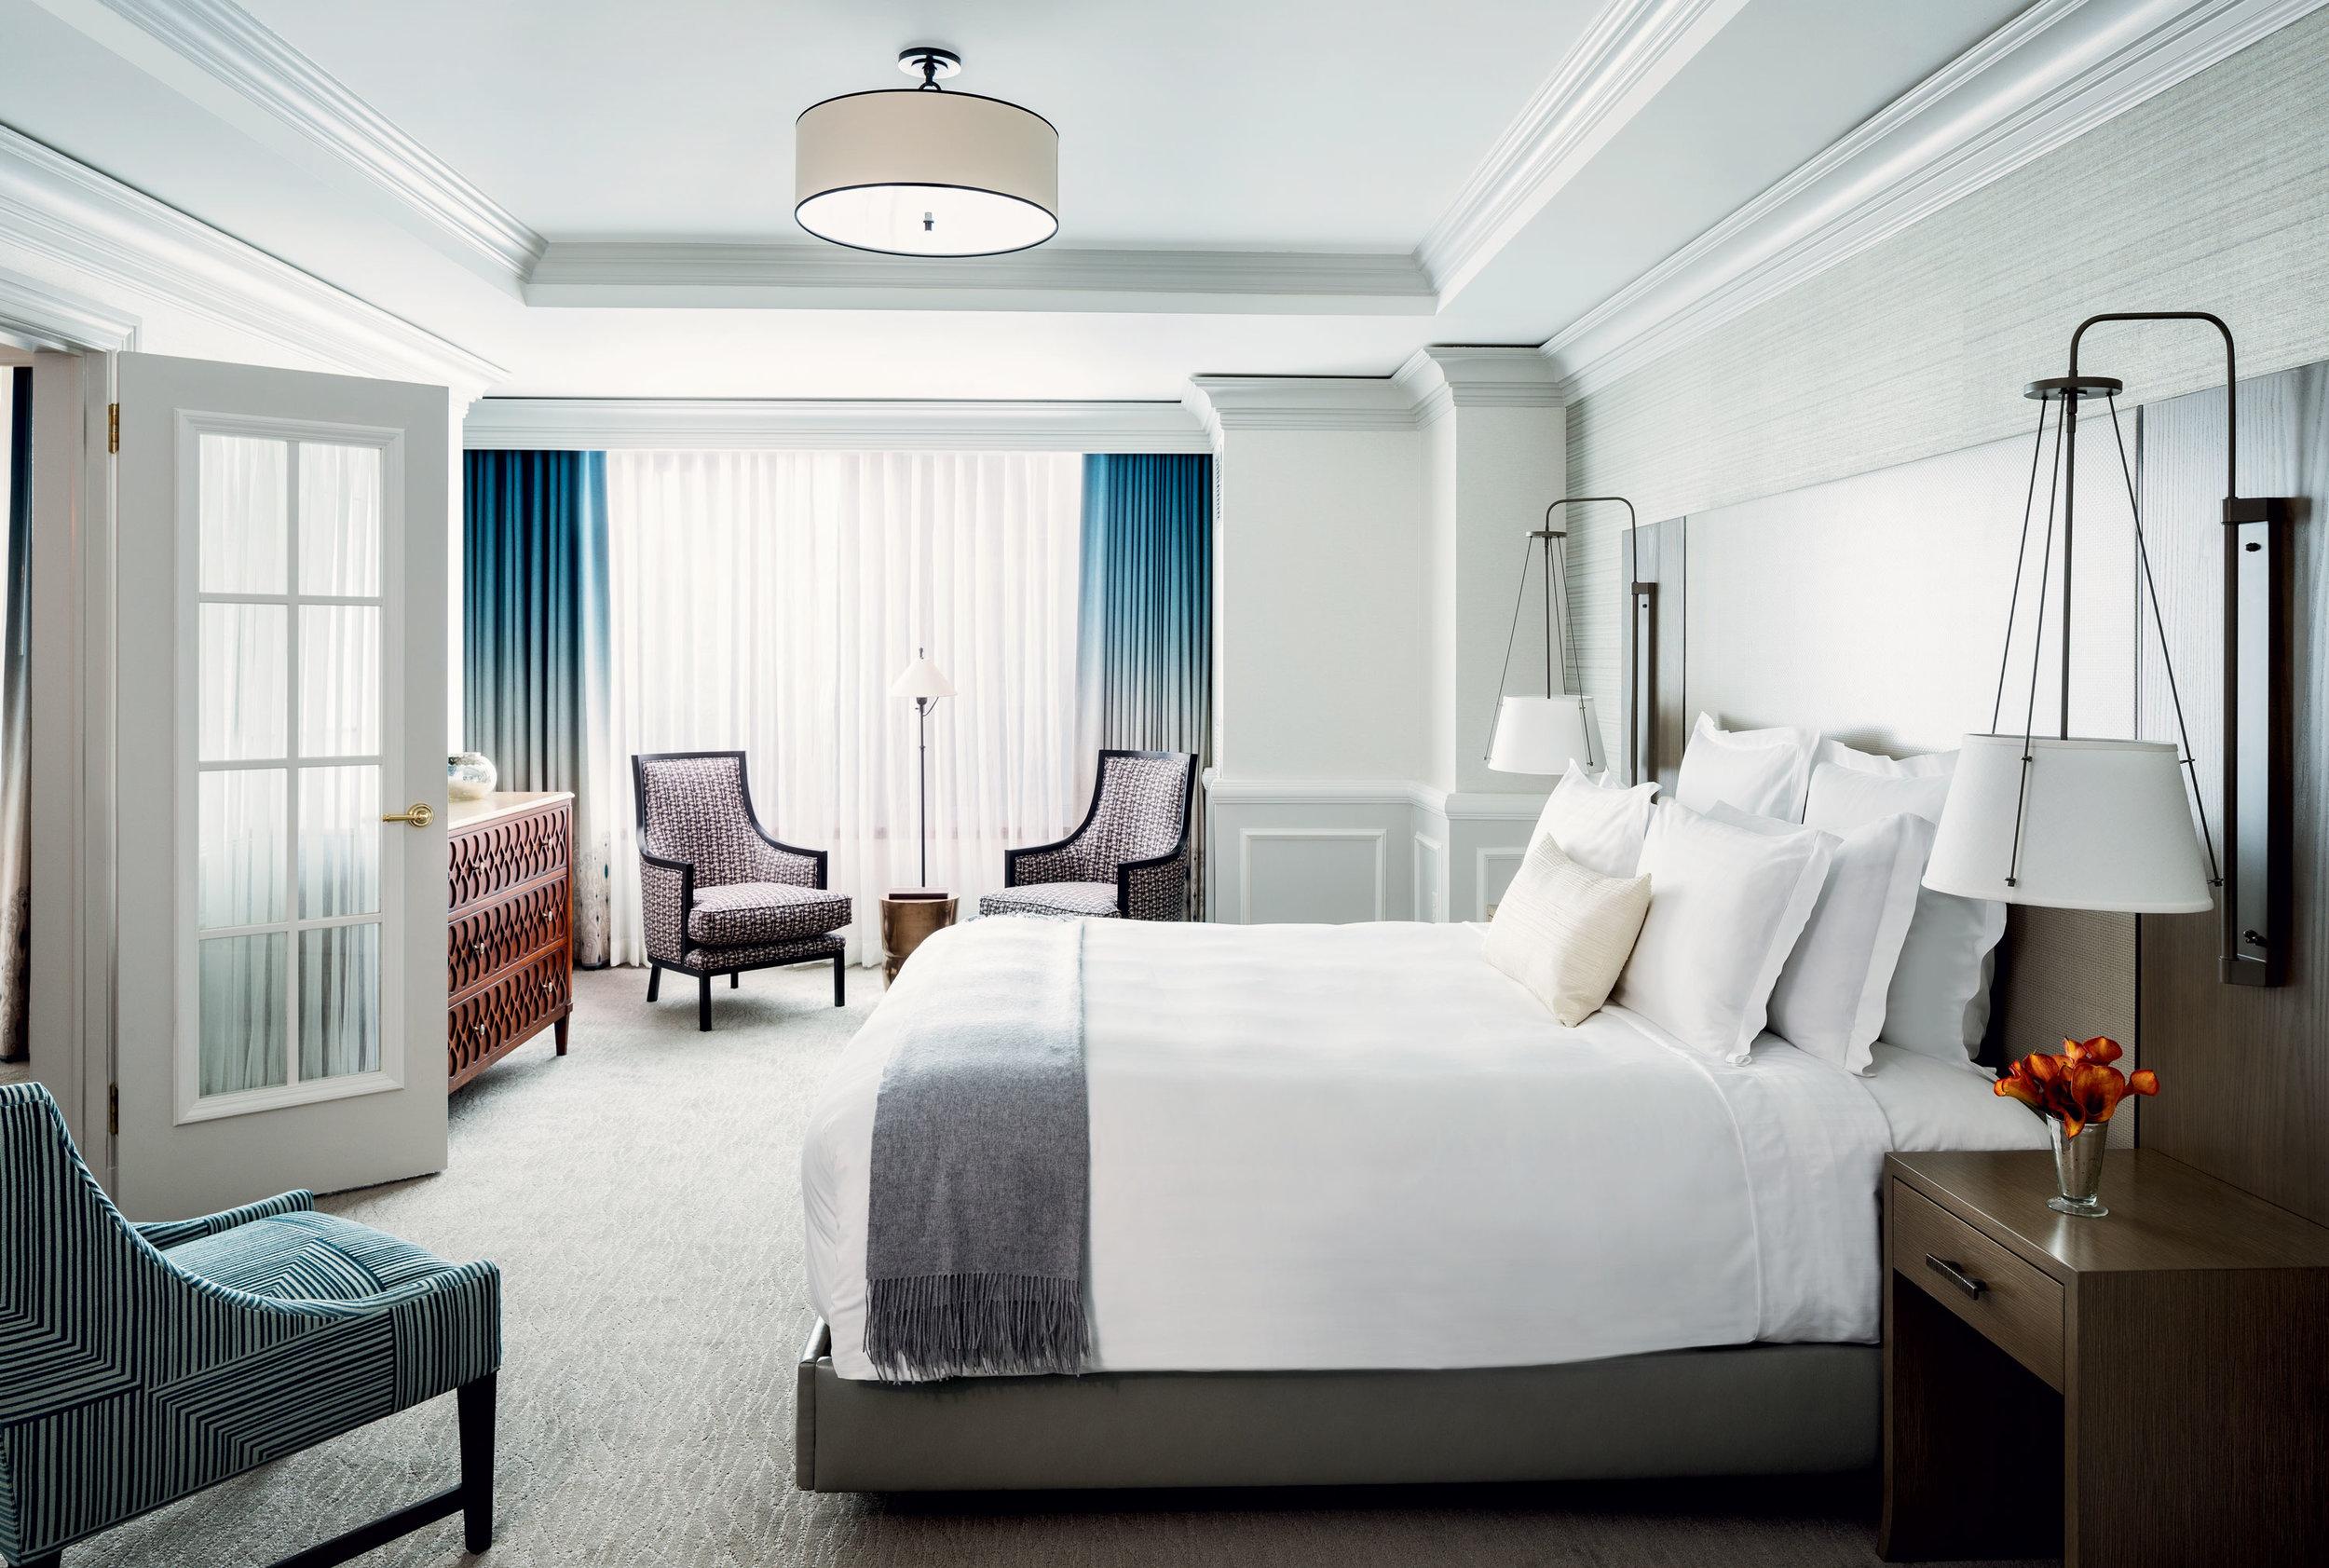 The-Ritz-Carlton-Washginton-DC,-Bedroom-(2).jpg